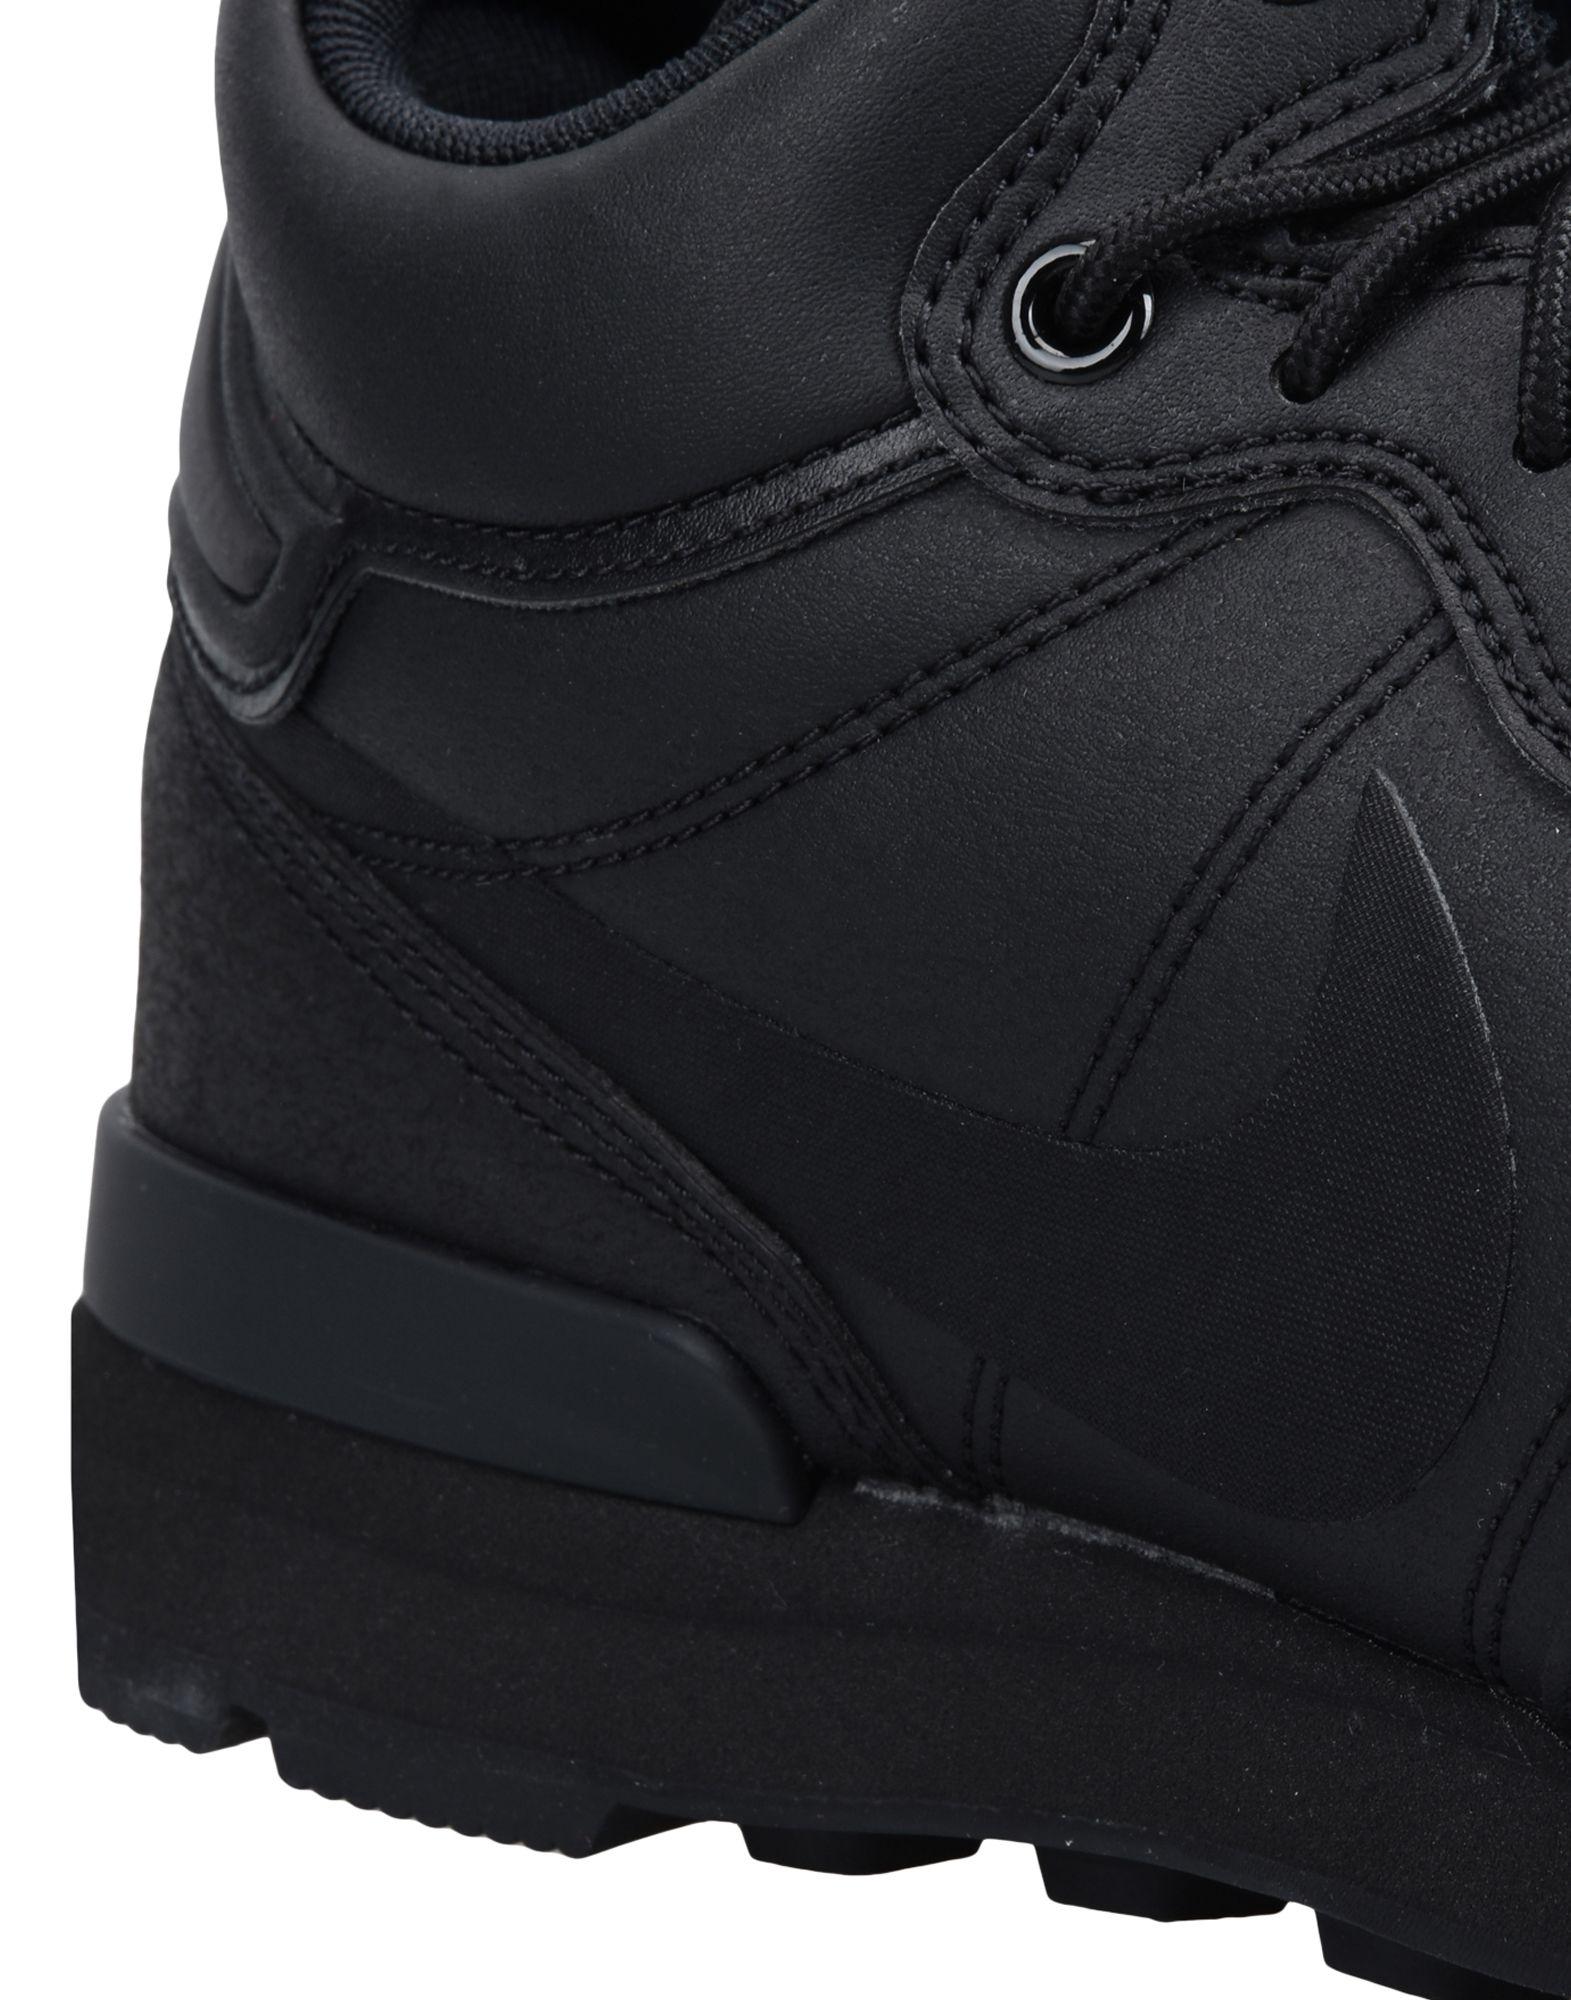 Sneakers Nike Internationalist Utility - Homme - Sneakers Nike sur